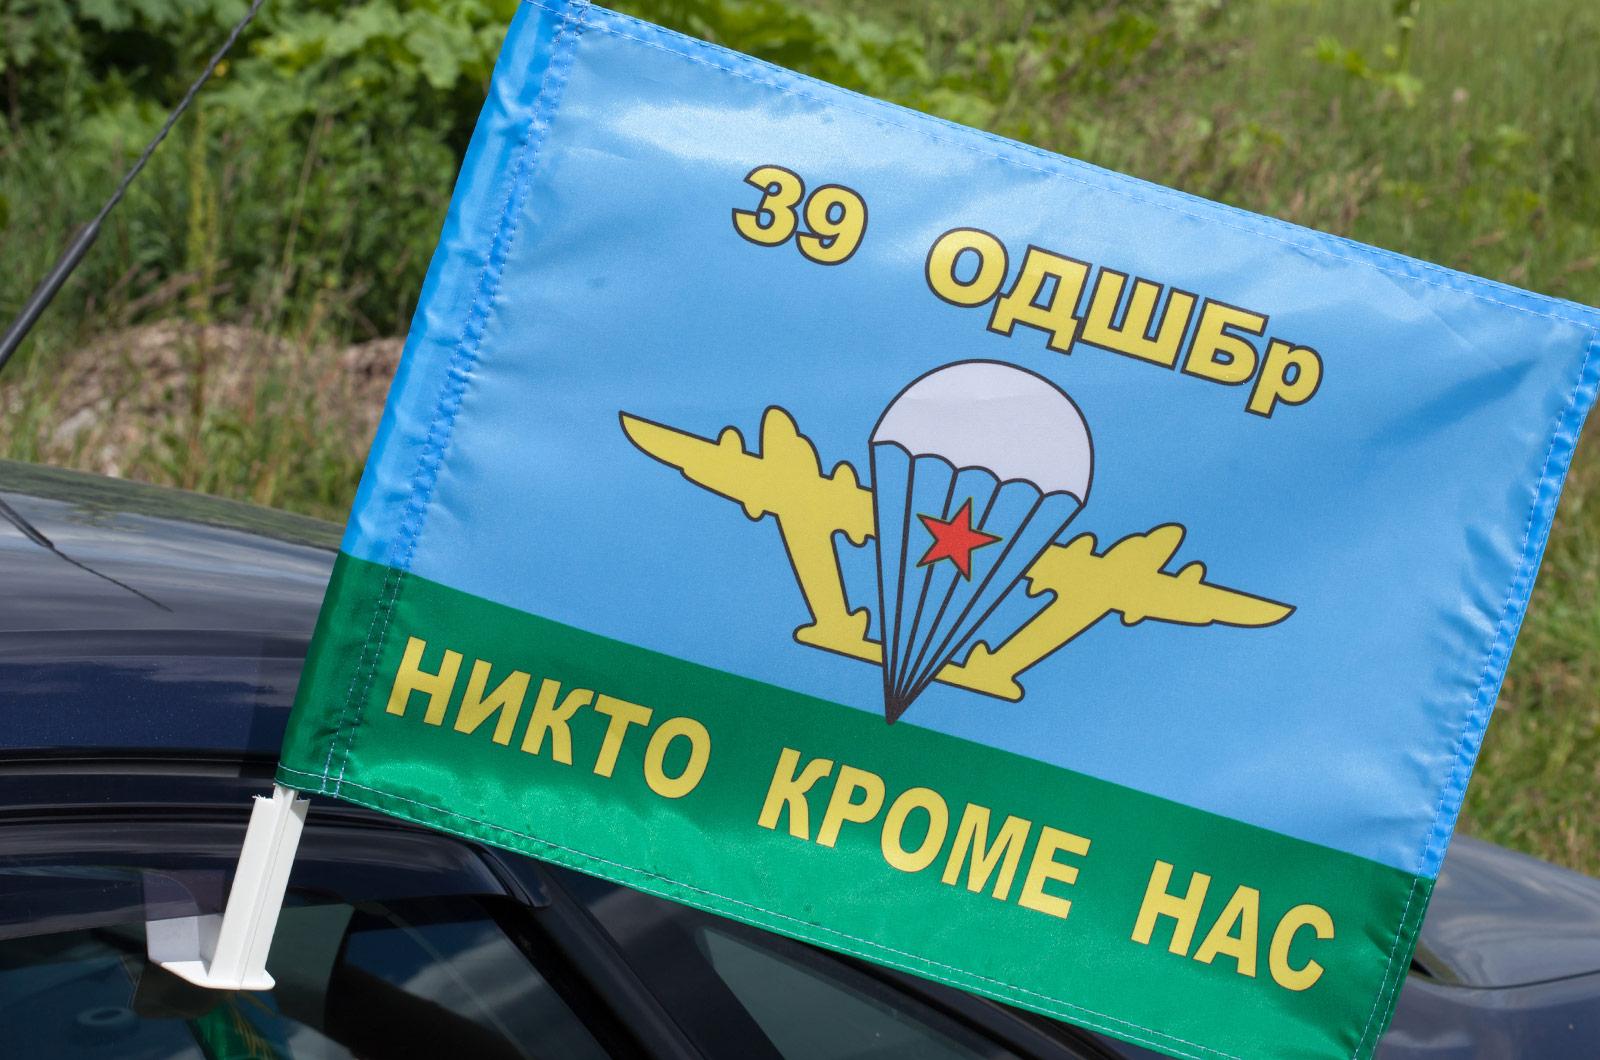 Флаг на машину с кронштейном ВДВ 39 ОДШБр